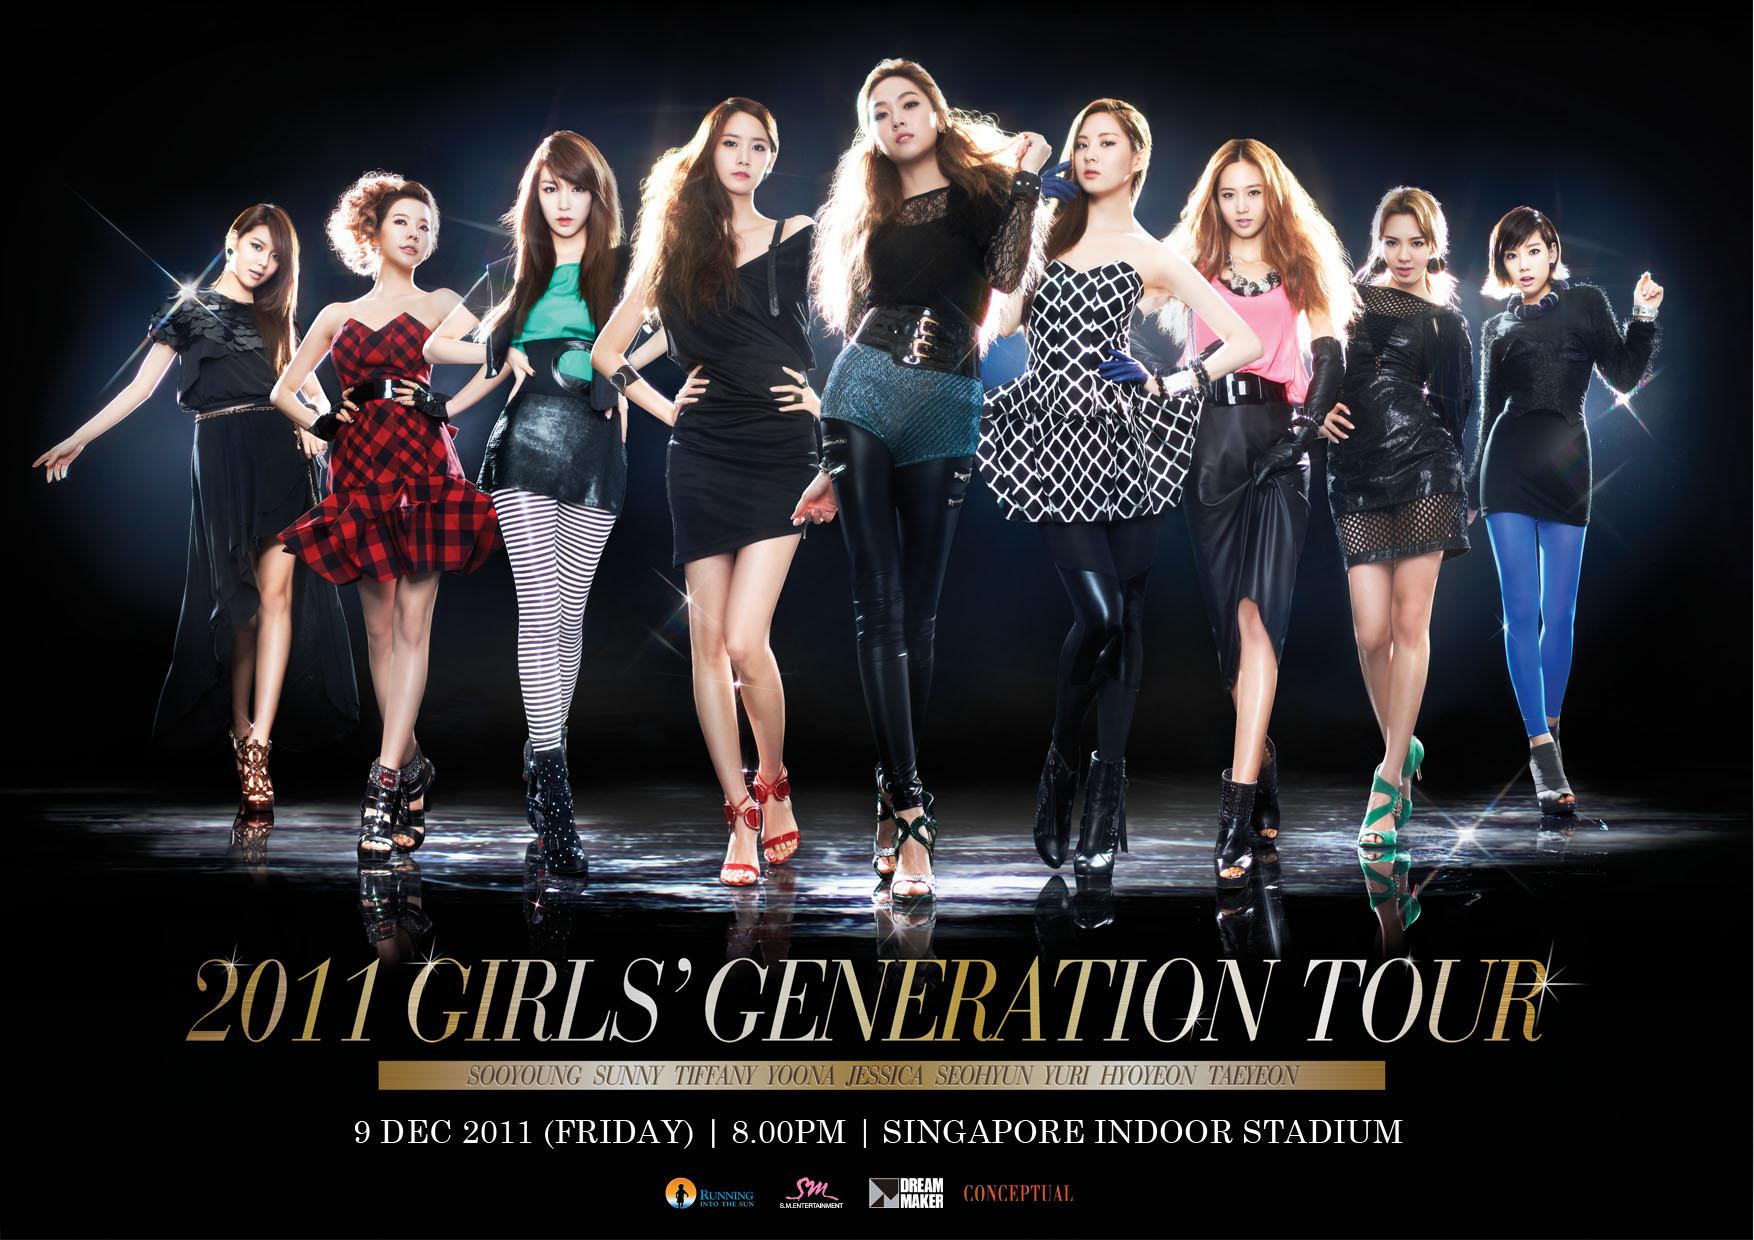 Girls Generation Tour Dates